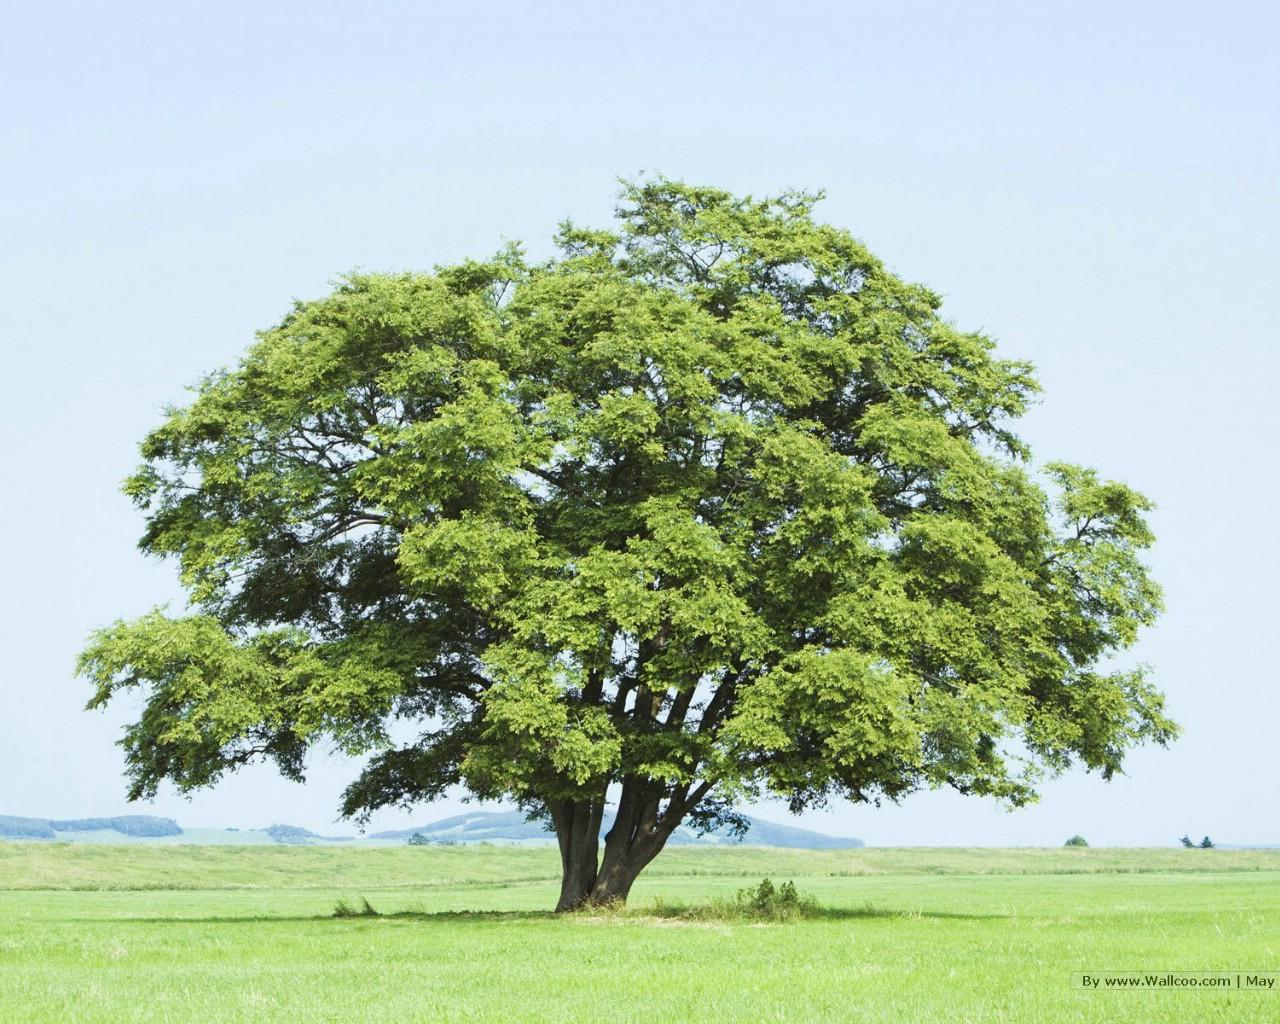 高大树木风景桌面图片_苏格兰风景图片